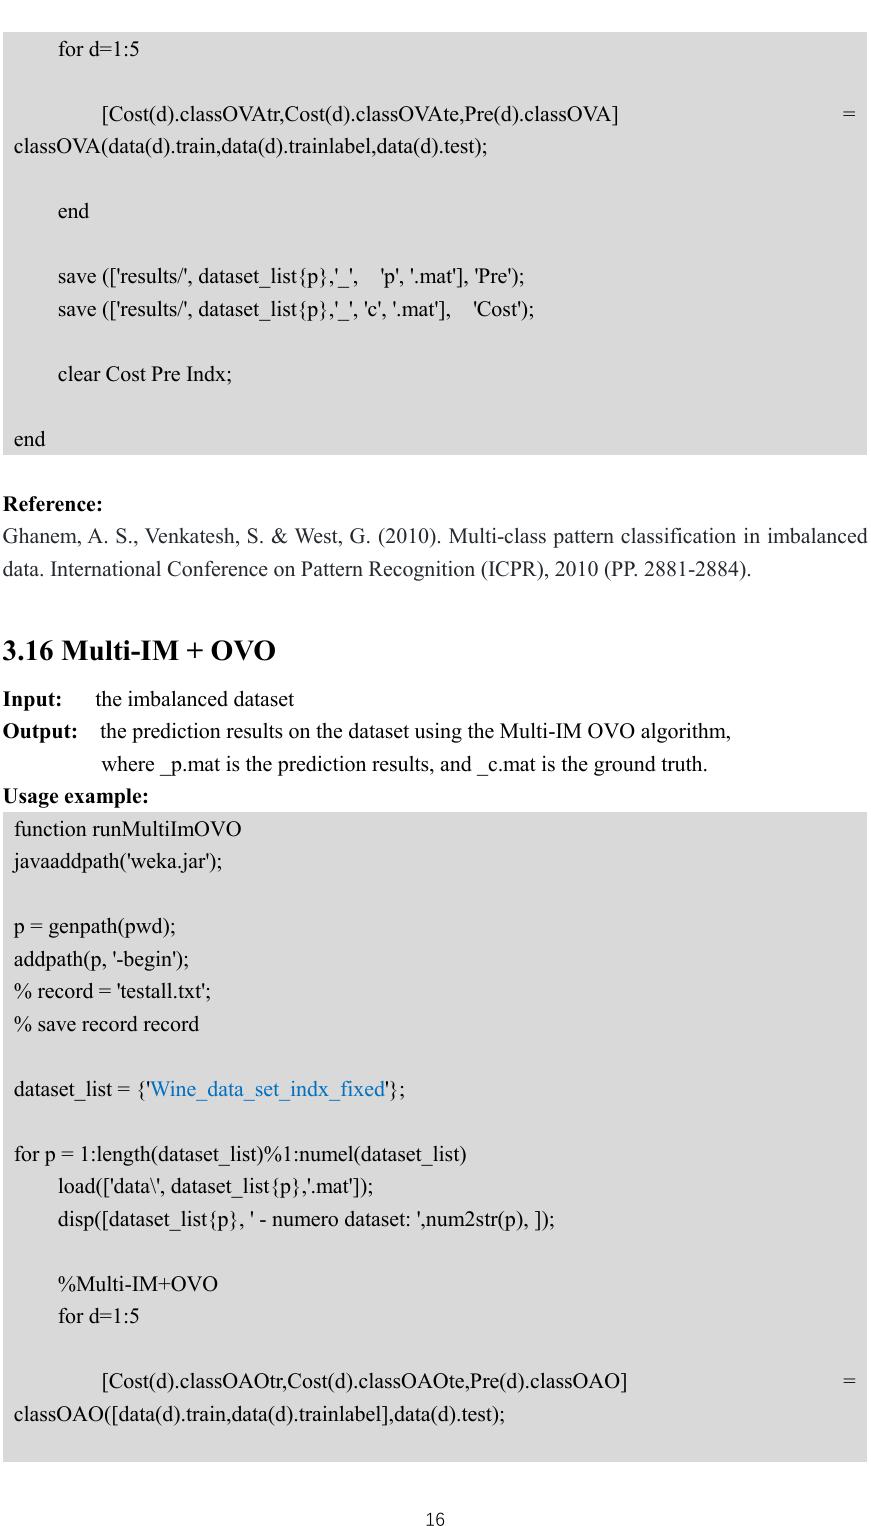 User Manual Matlab